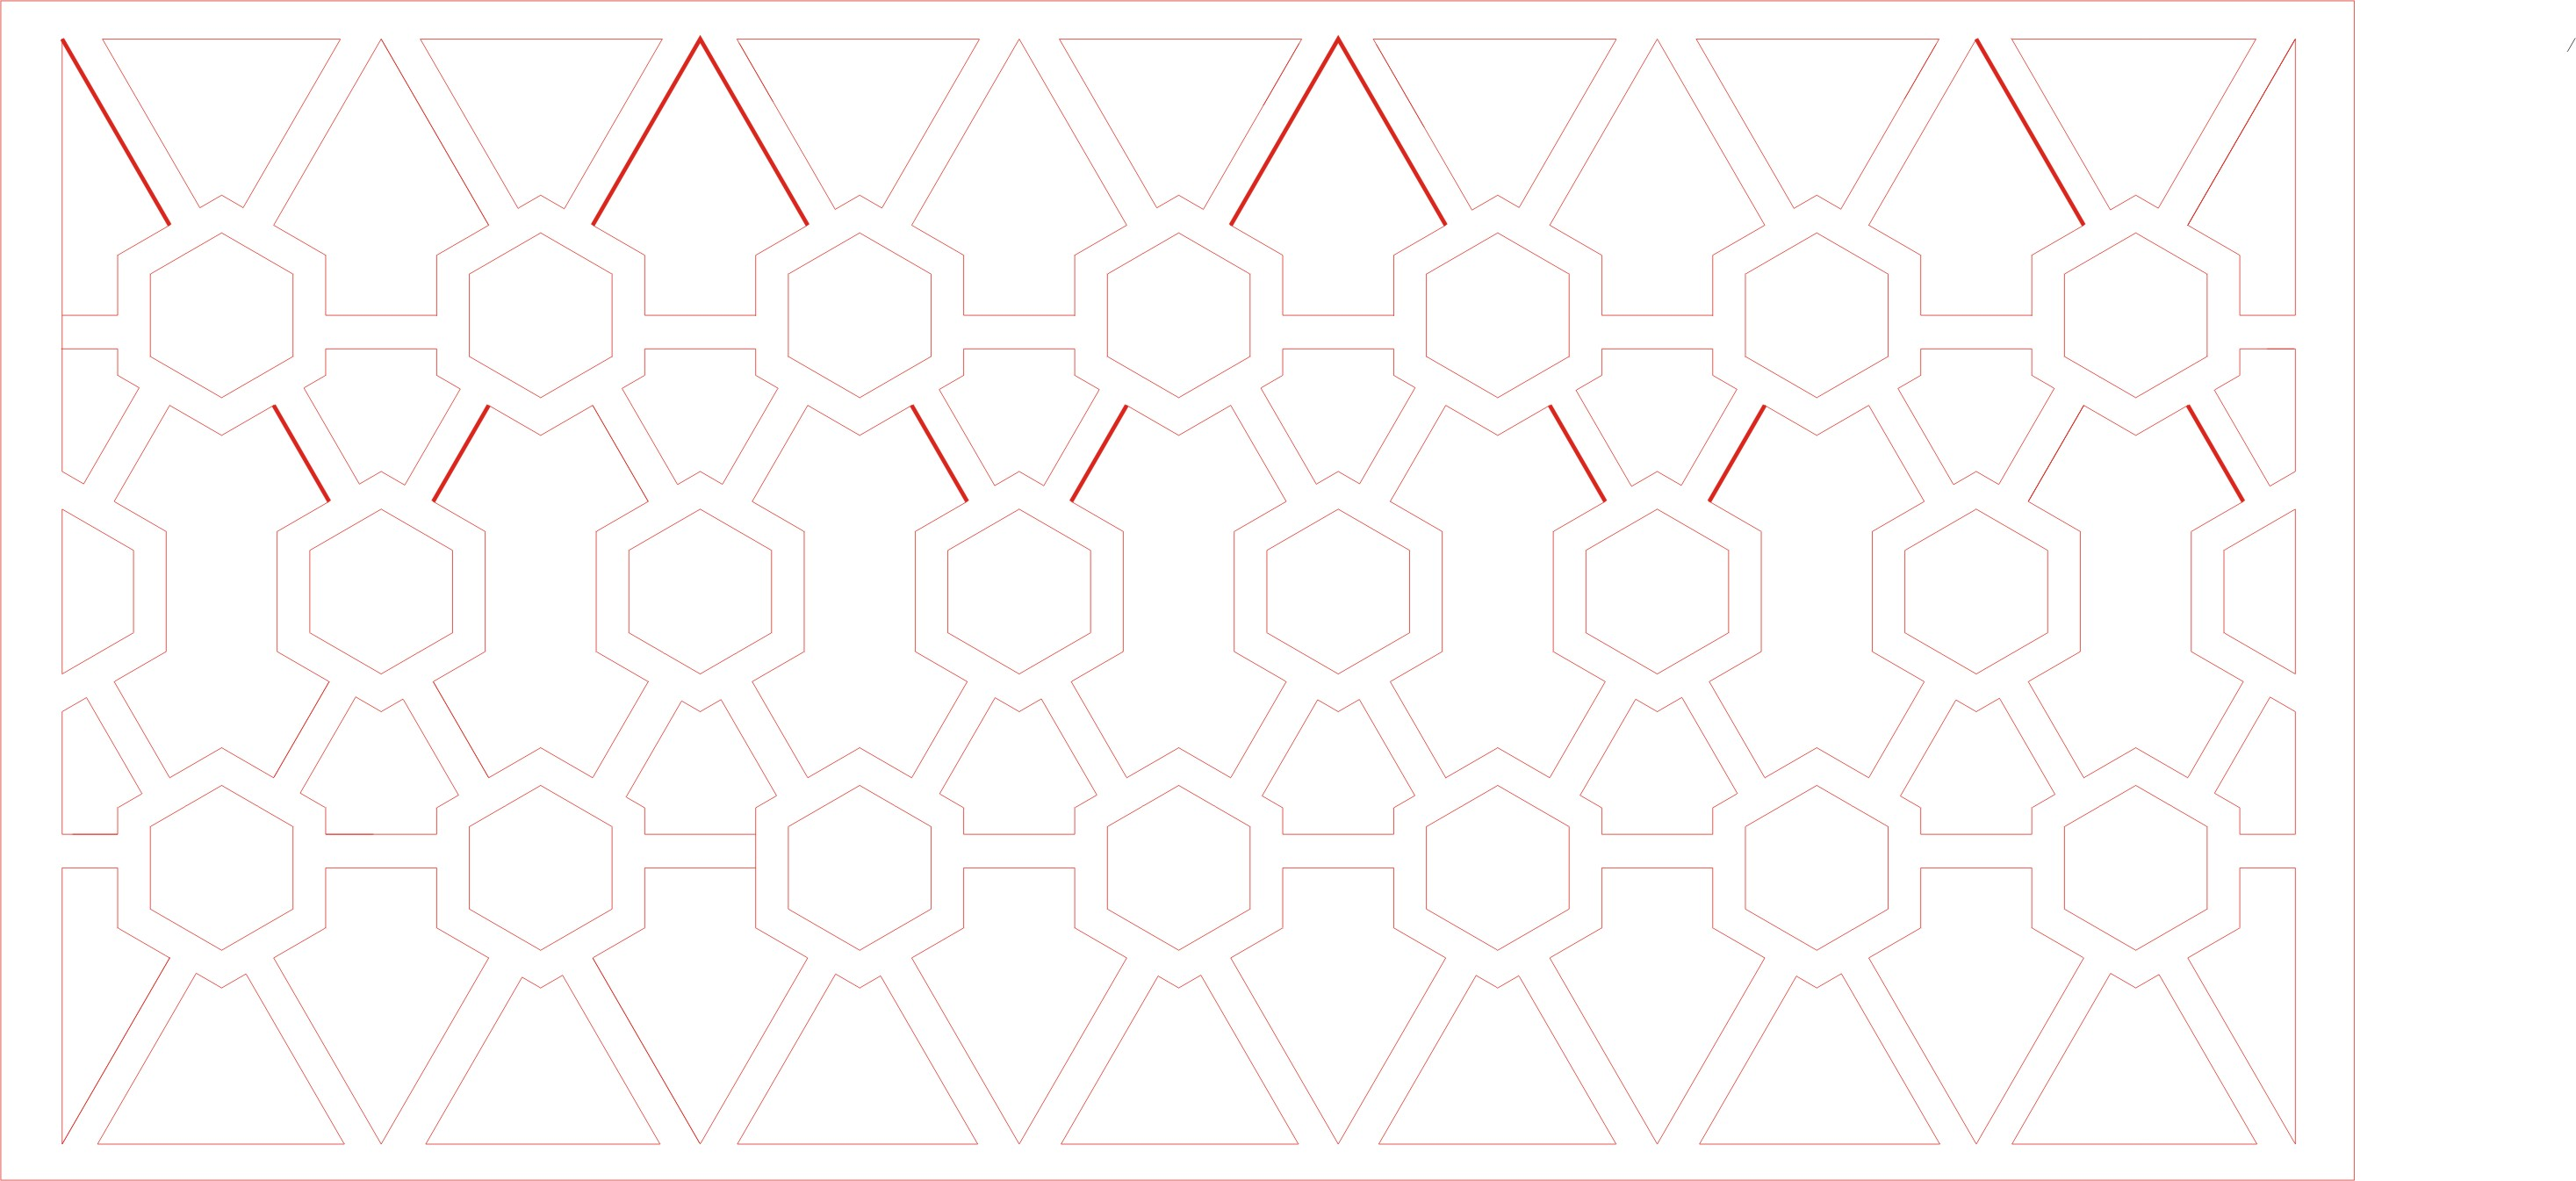 先画出穿过六边形中心的线,分左扩和右扩,再使用[虚拟段删除]工具.